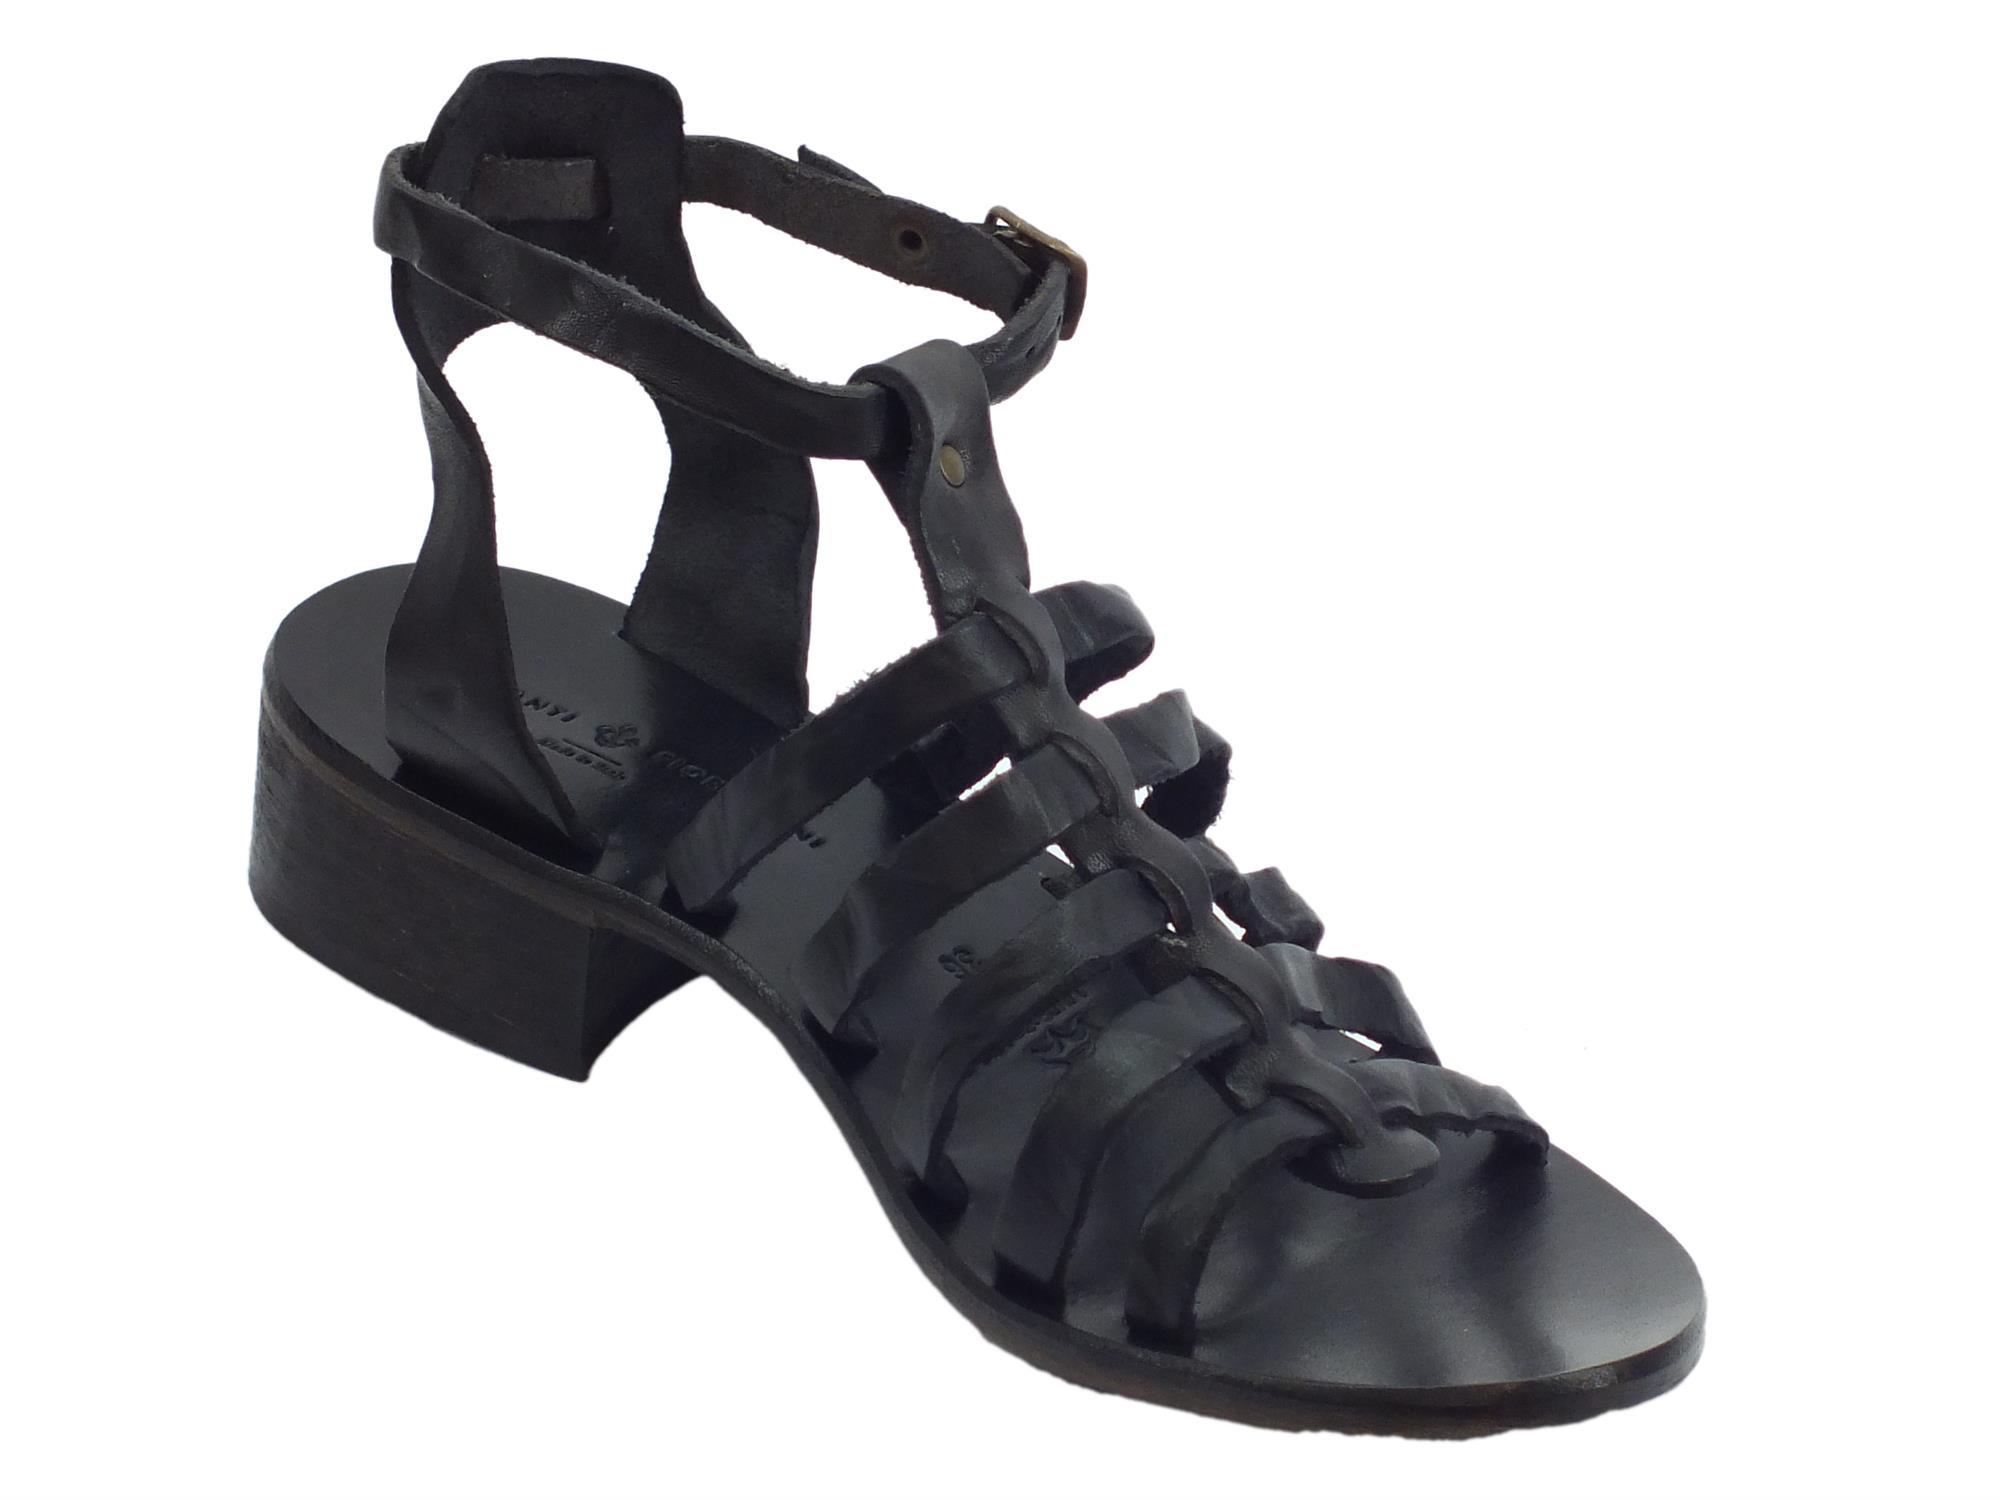 ... Sandali artigianali per donna Mercanti Fiorentini in pelle tuffata nera  fondo cuoio ... 36ab3707576